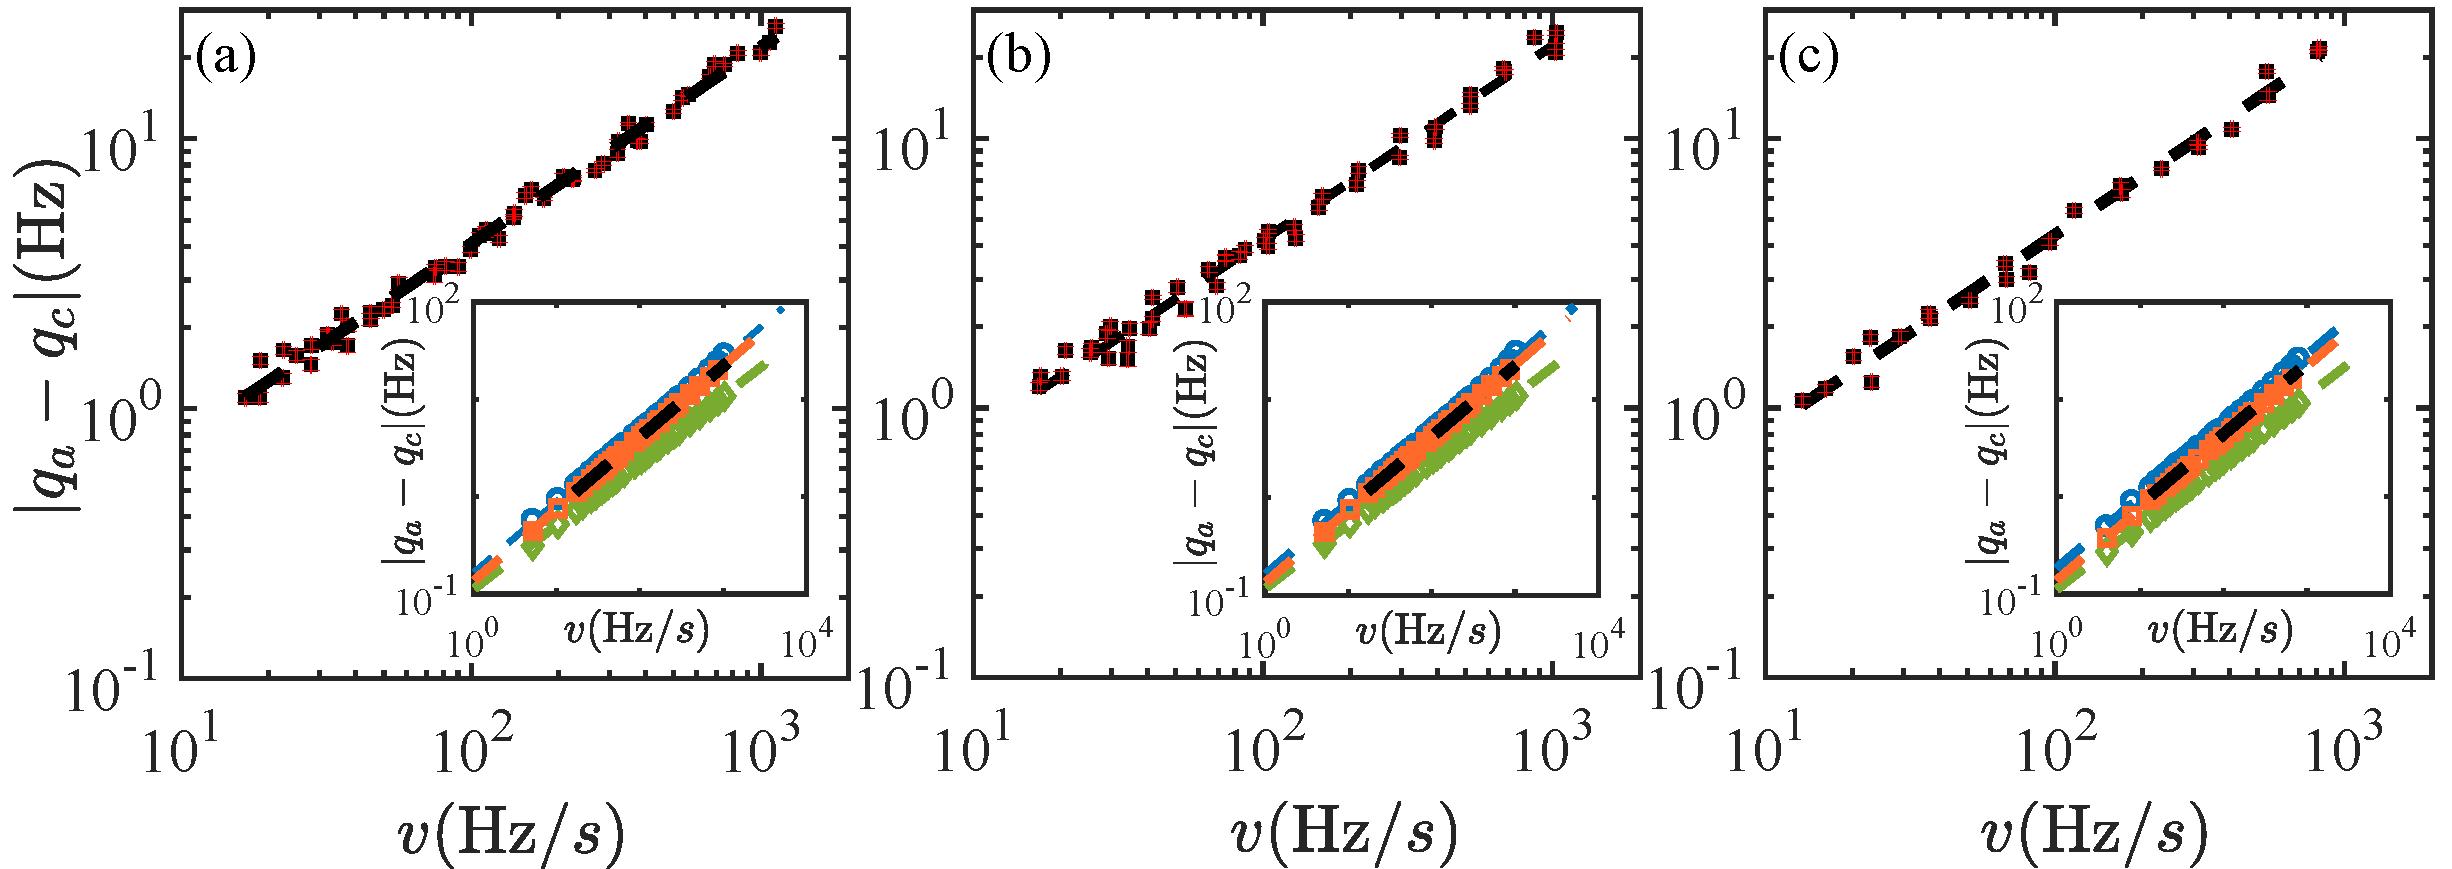 清华大学段路明团队首次观测到一阶量子相变中的广义相变动力学机制